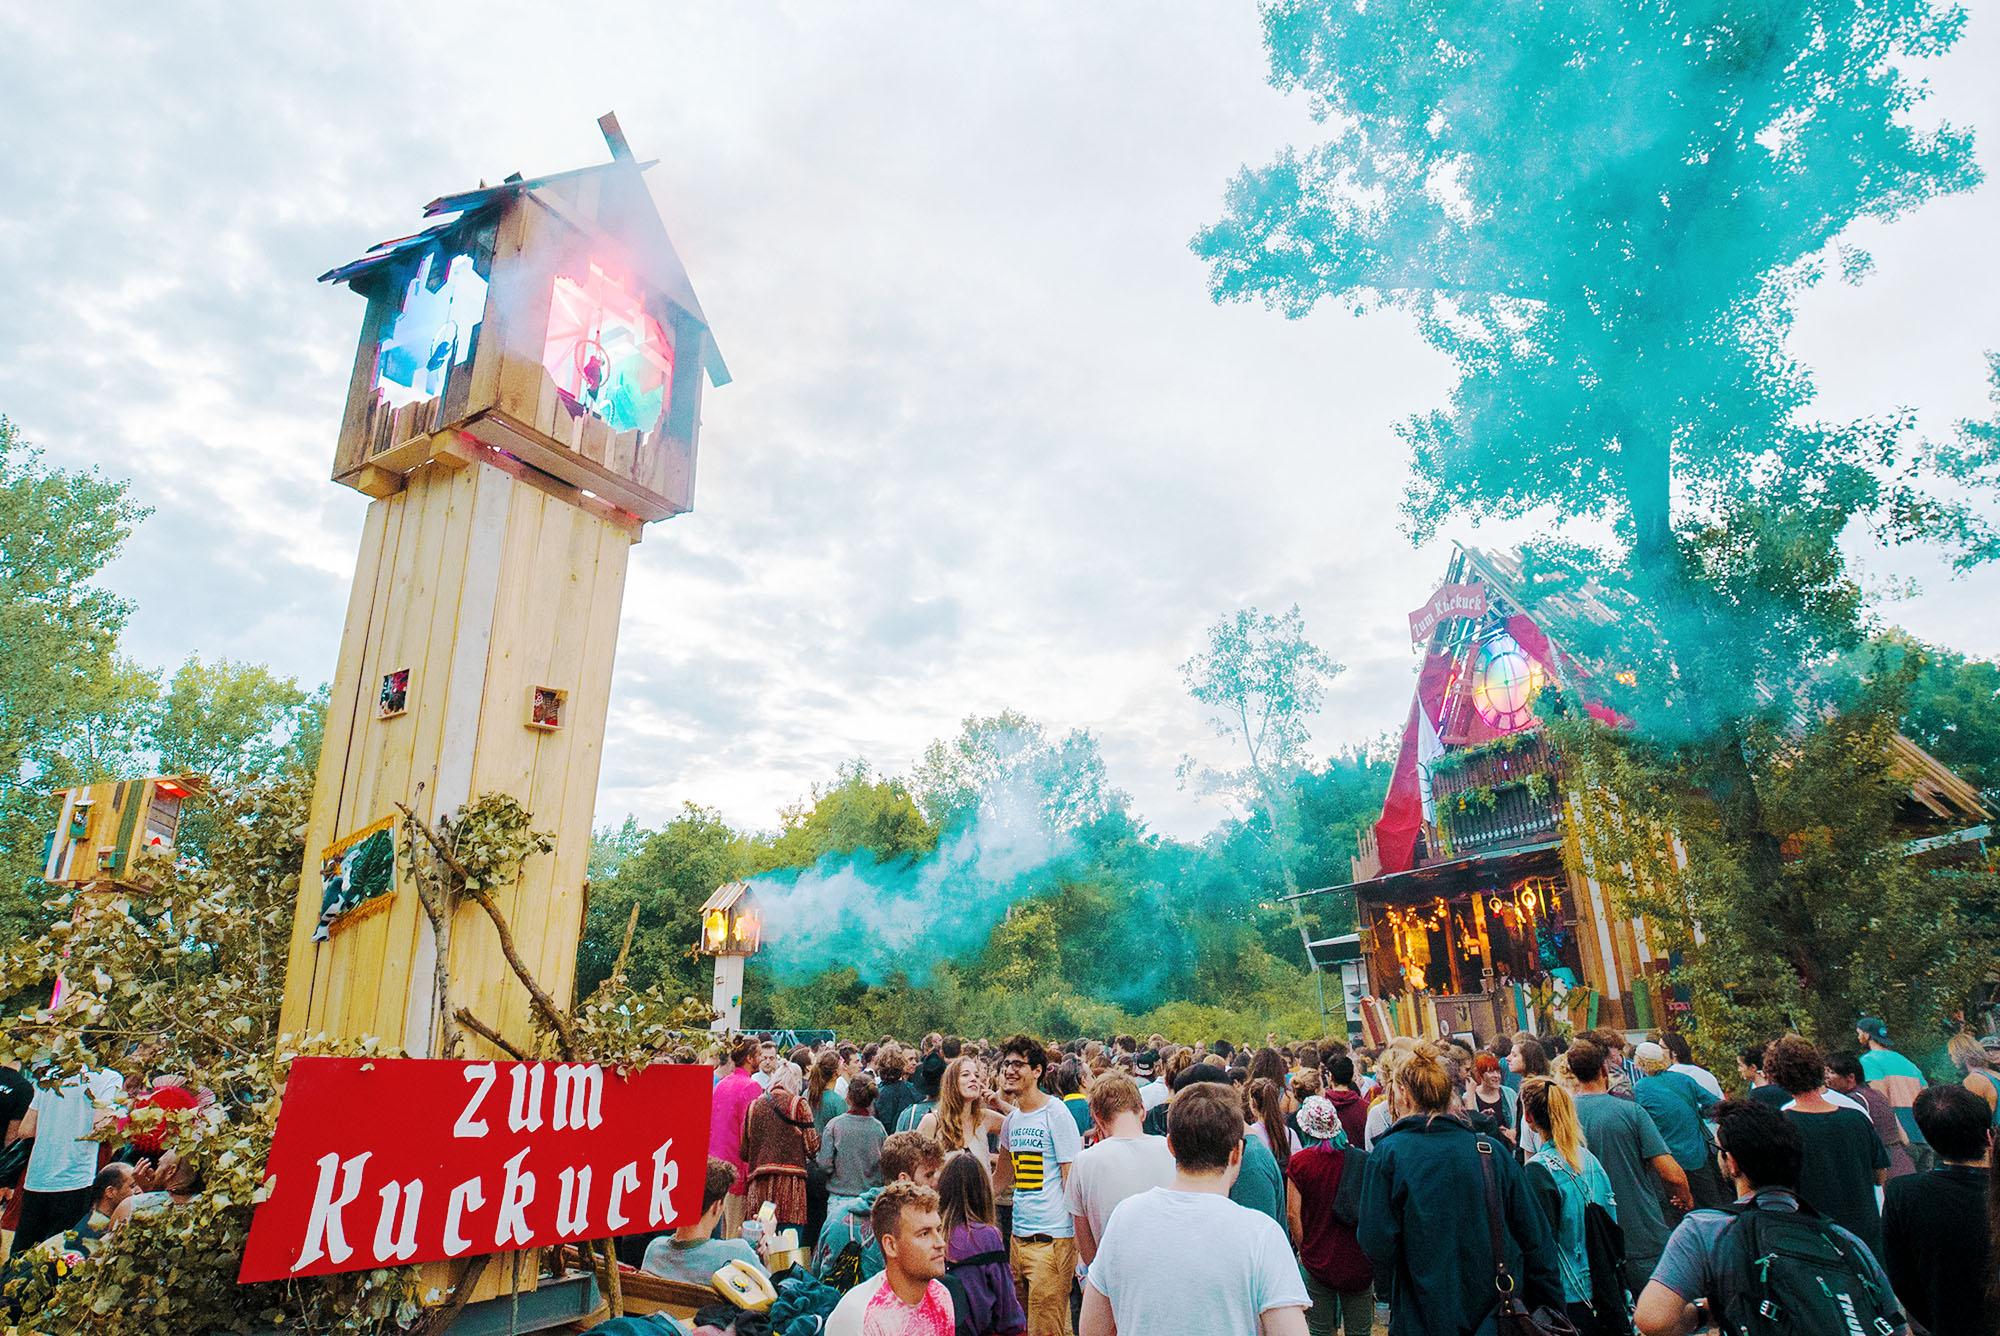 Aufwind Festival 2017 - Zum Kuckuck Stage - 30.6.-2.7. 2017